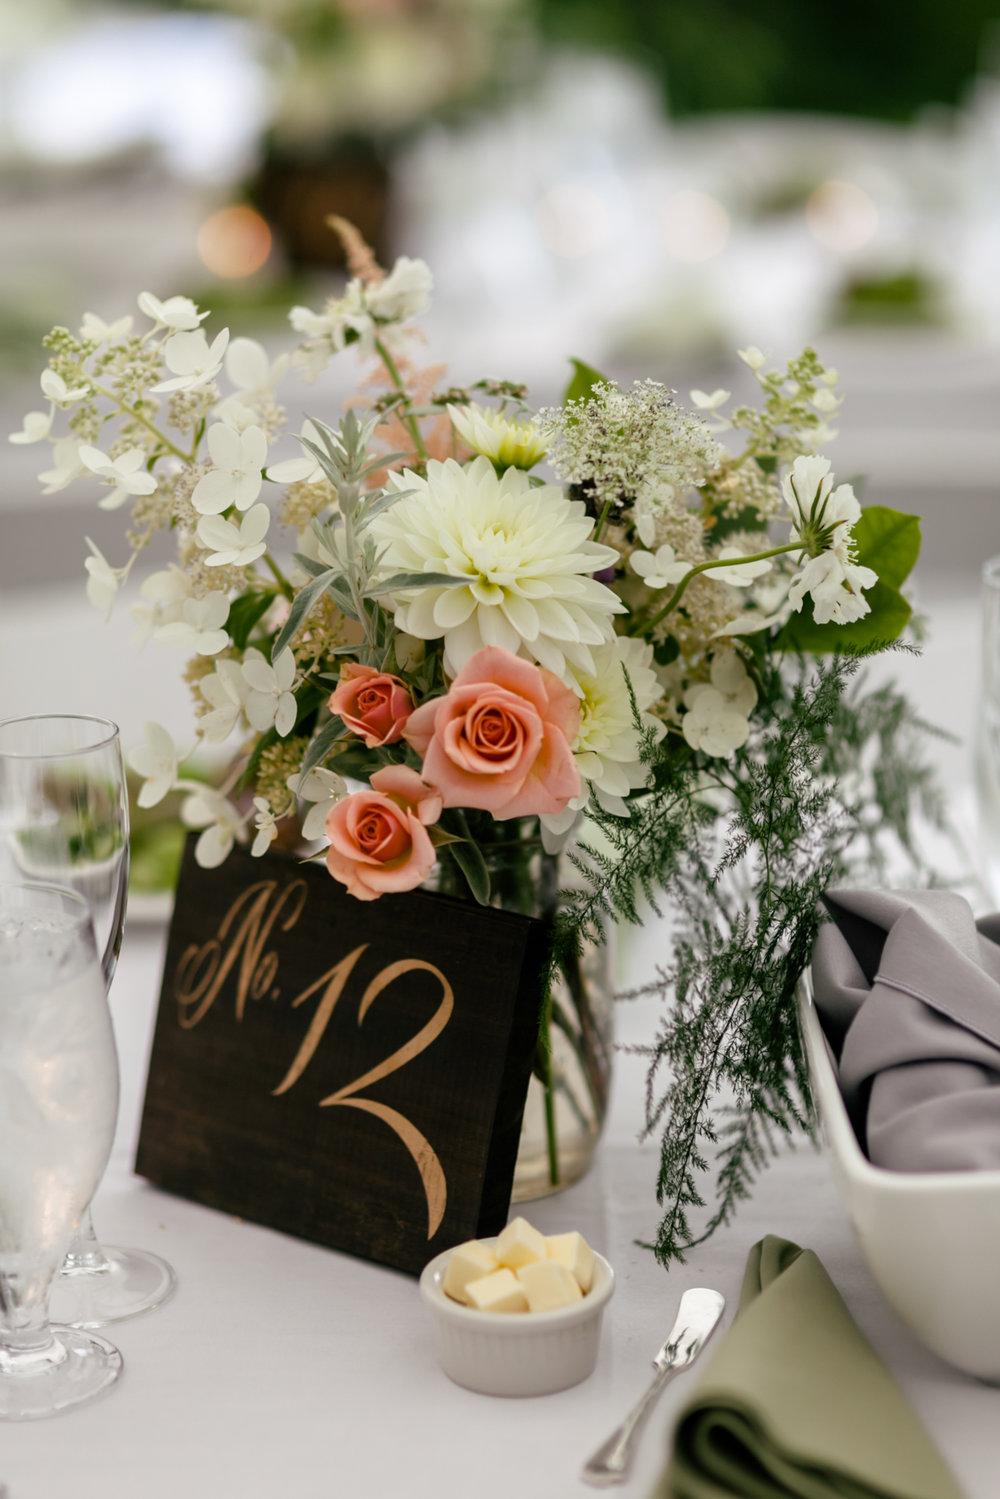 Hudson-valley-weddings-179.JPG